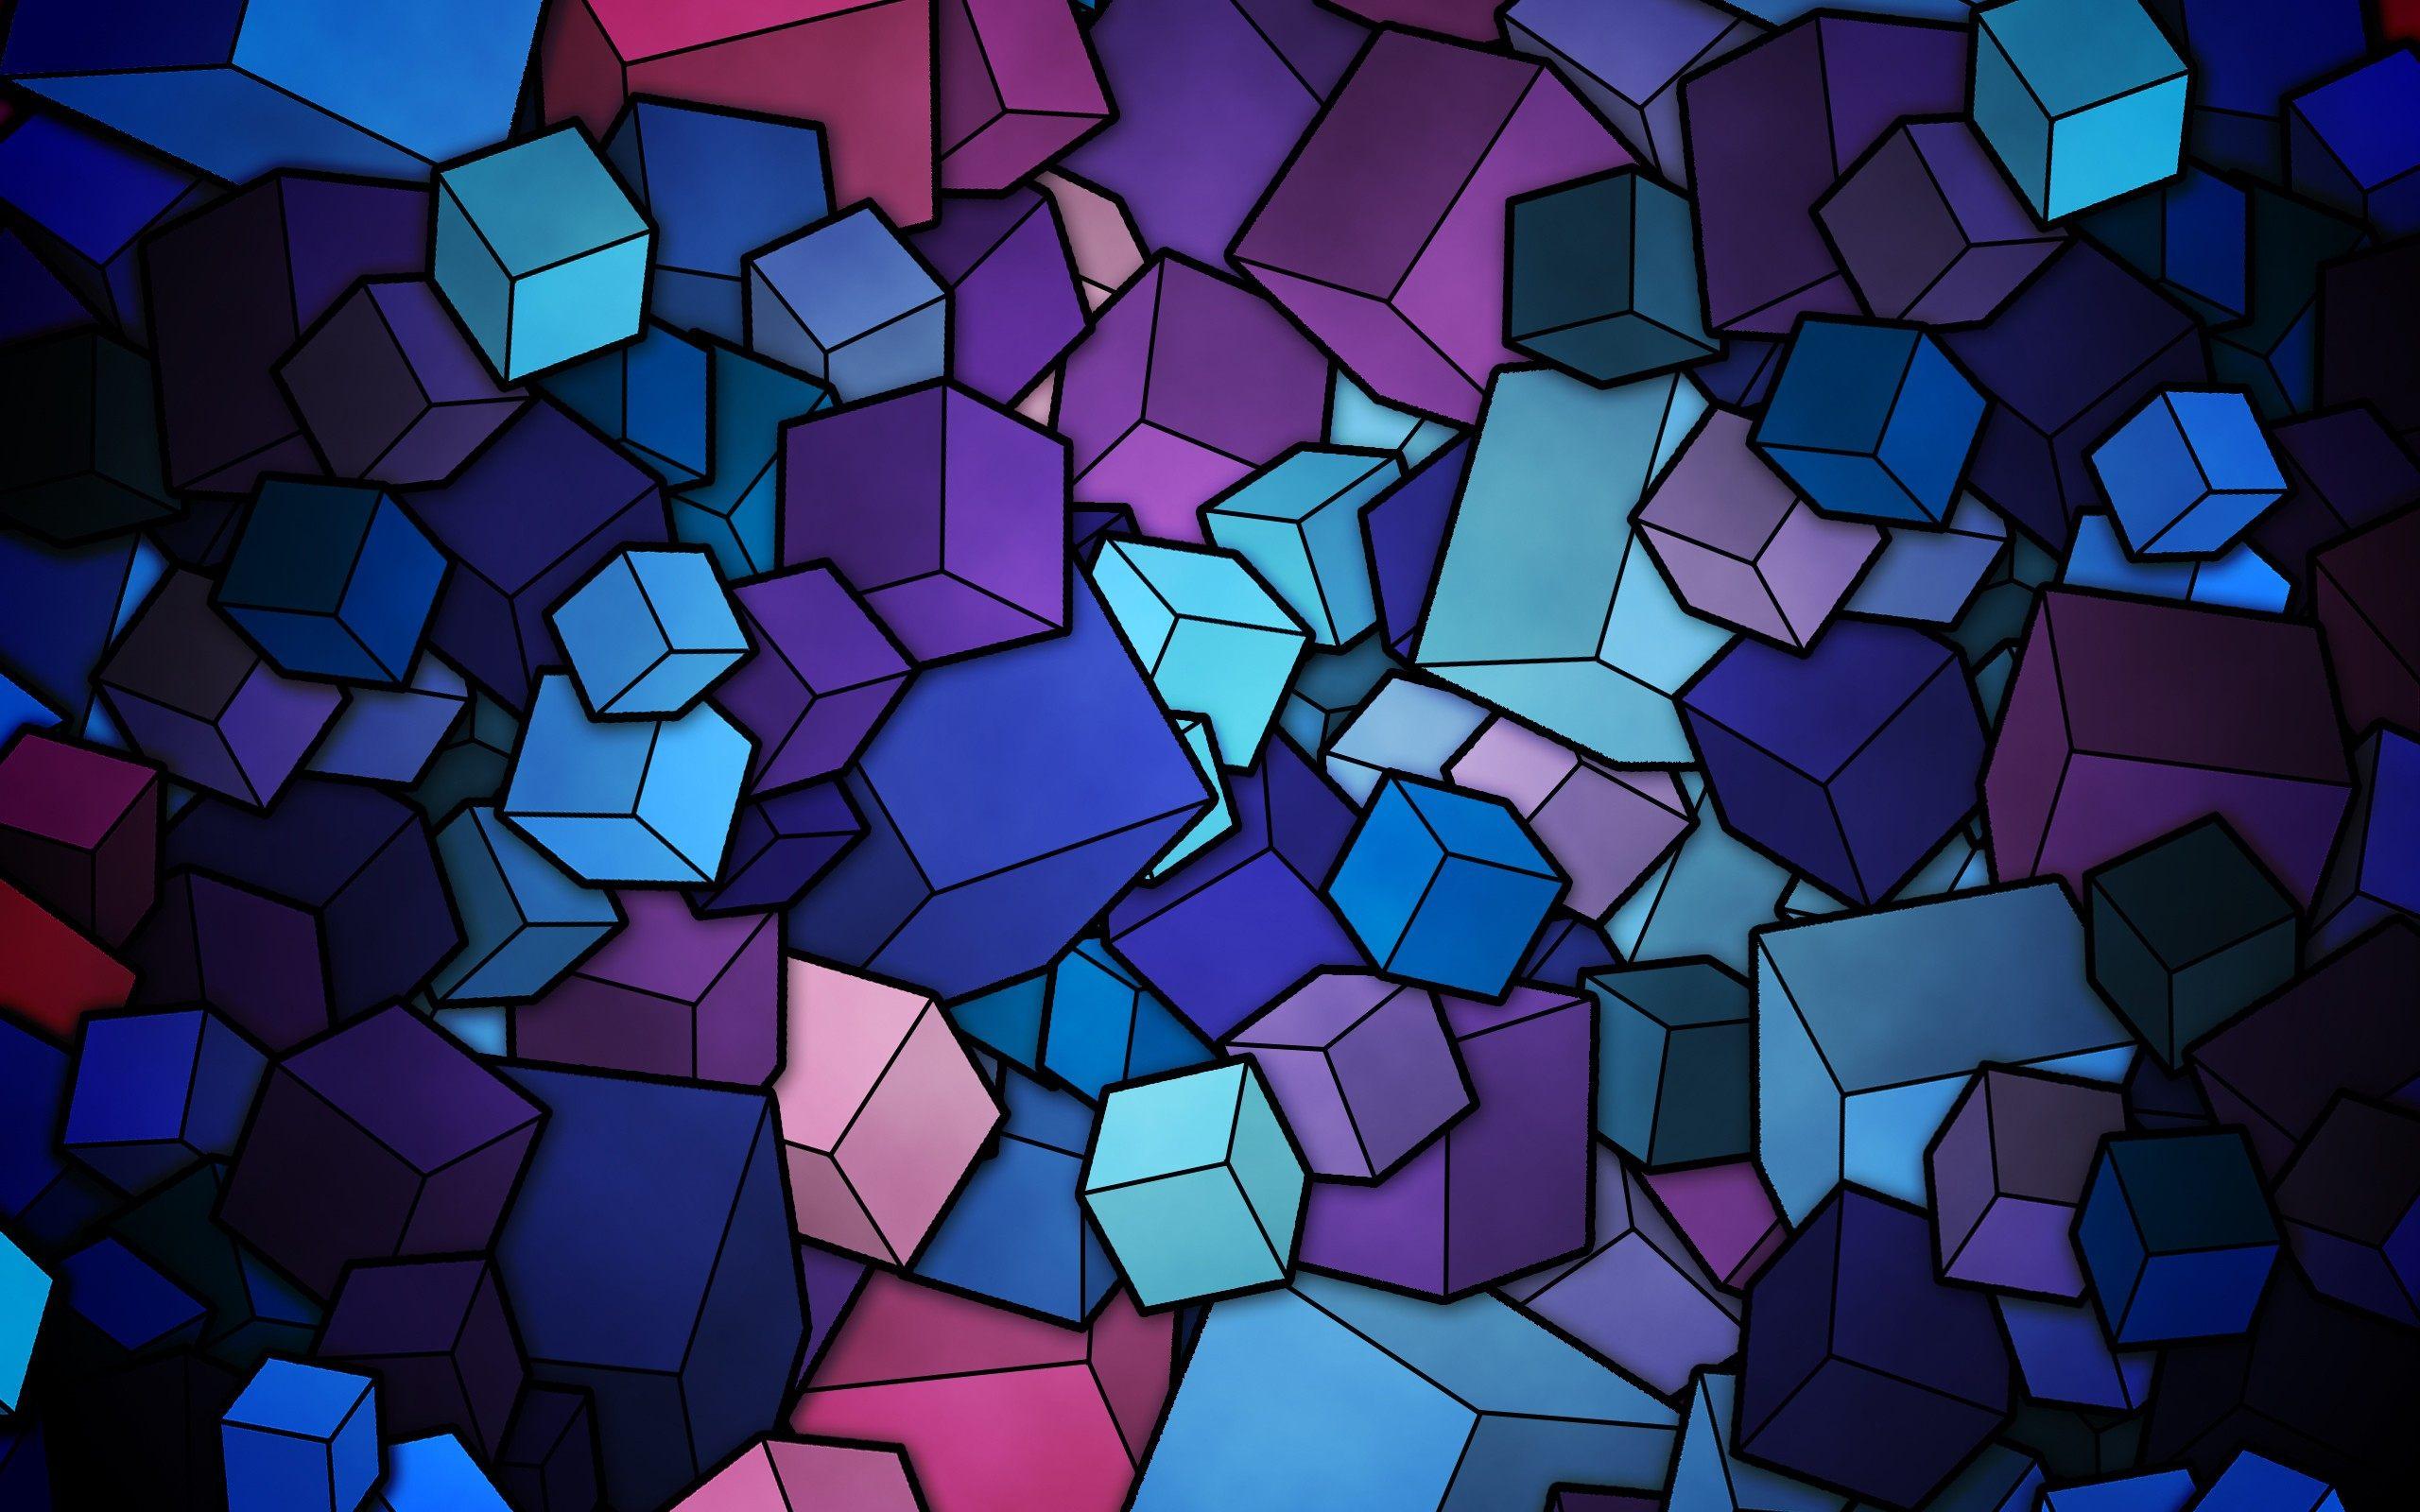 2560x1600 Cubes Vector Art Background Wallpaper